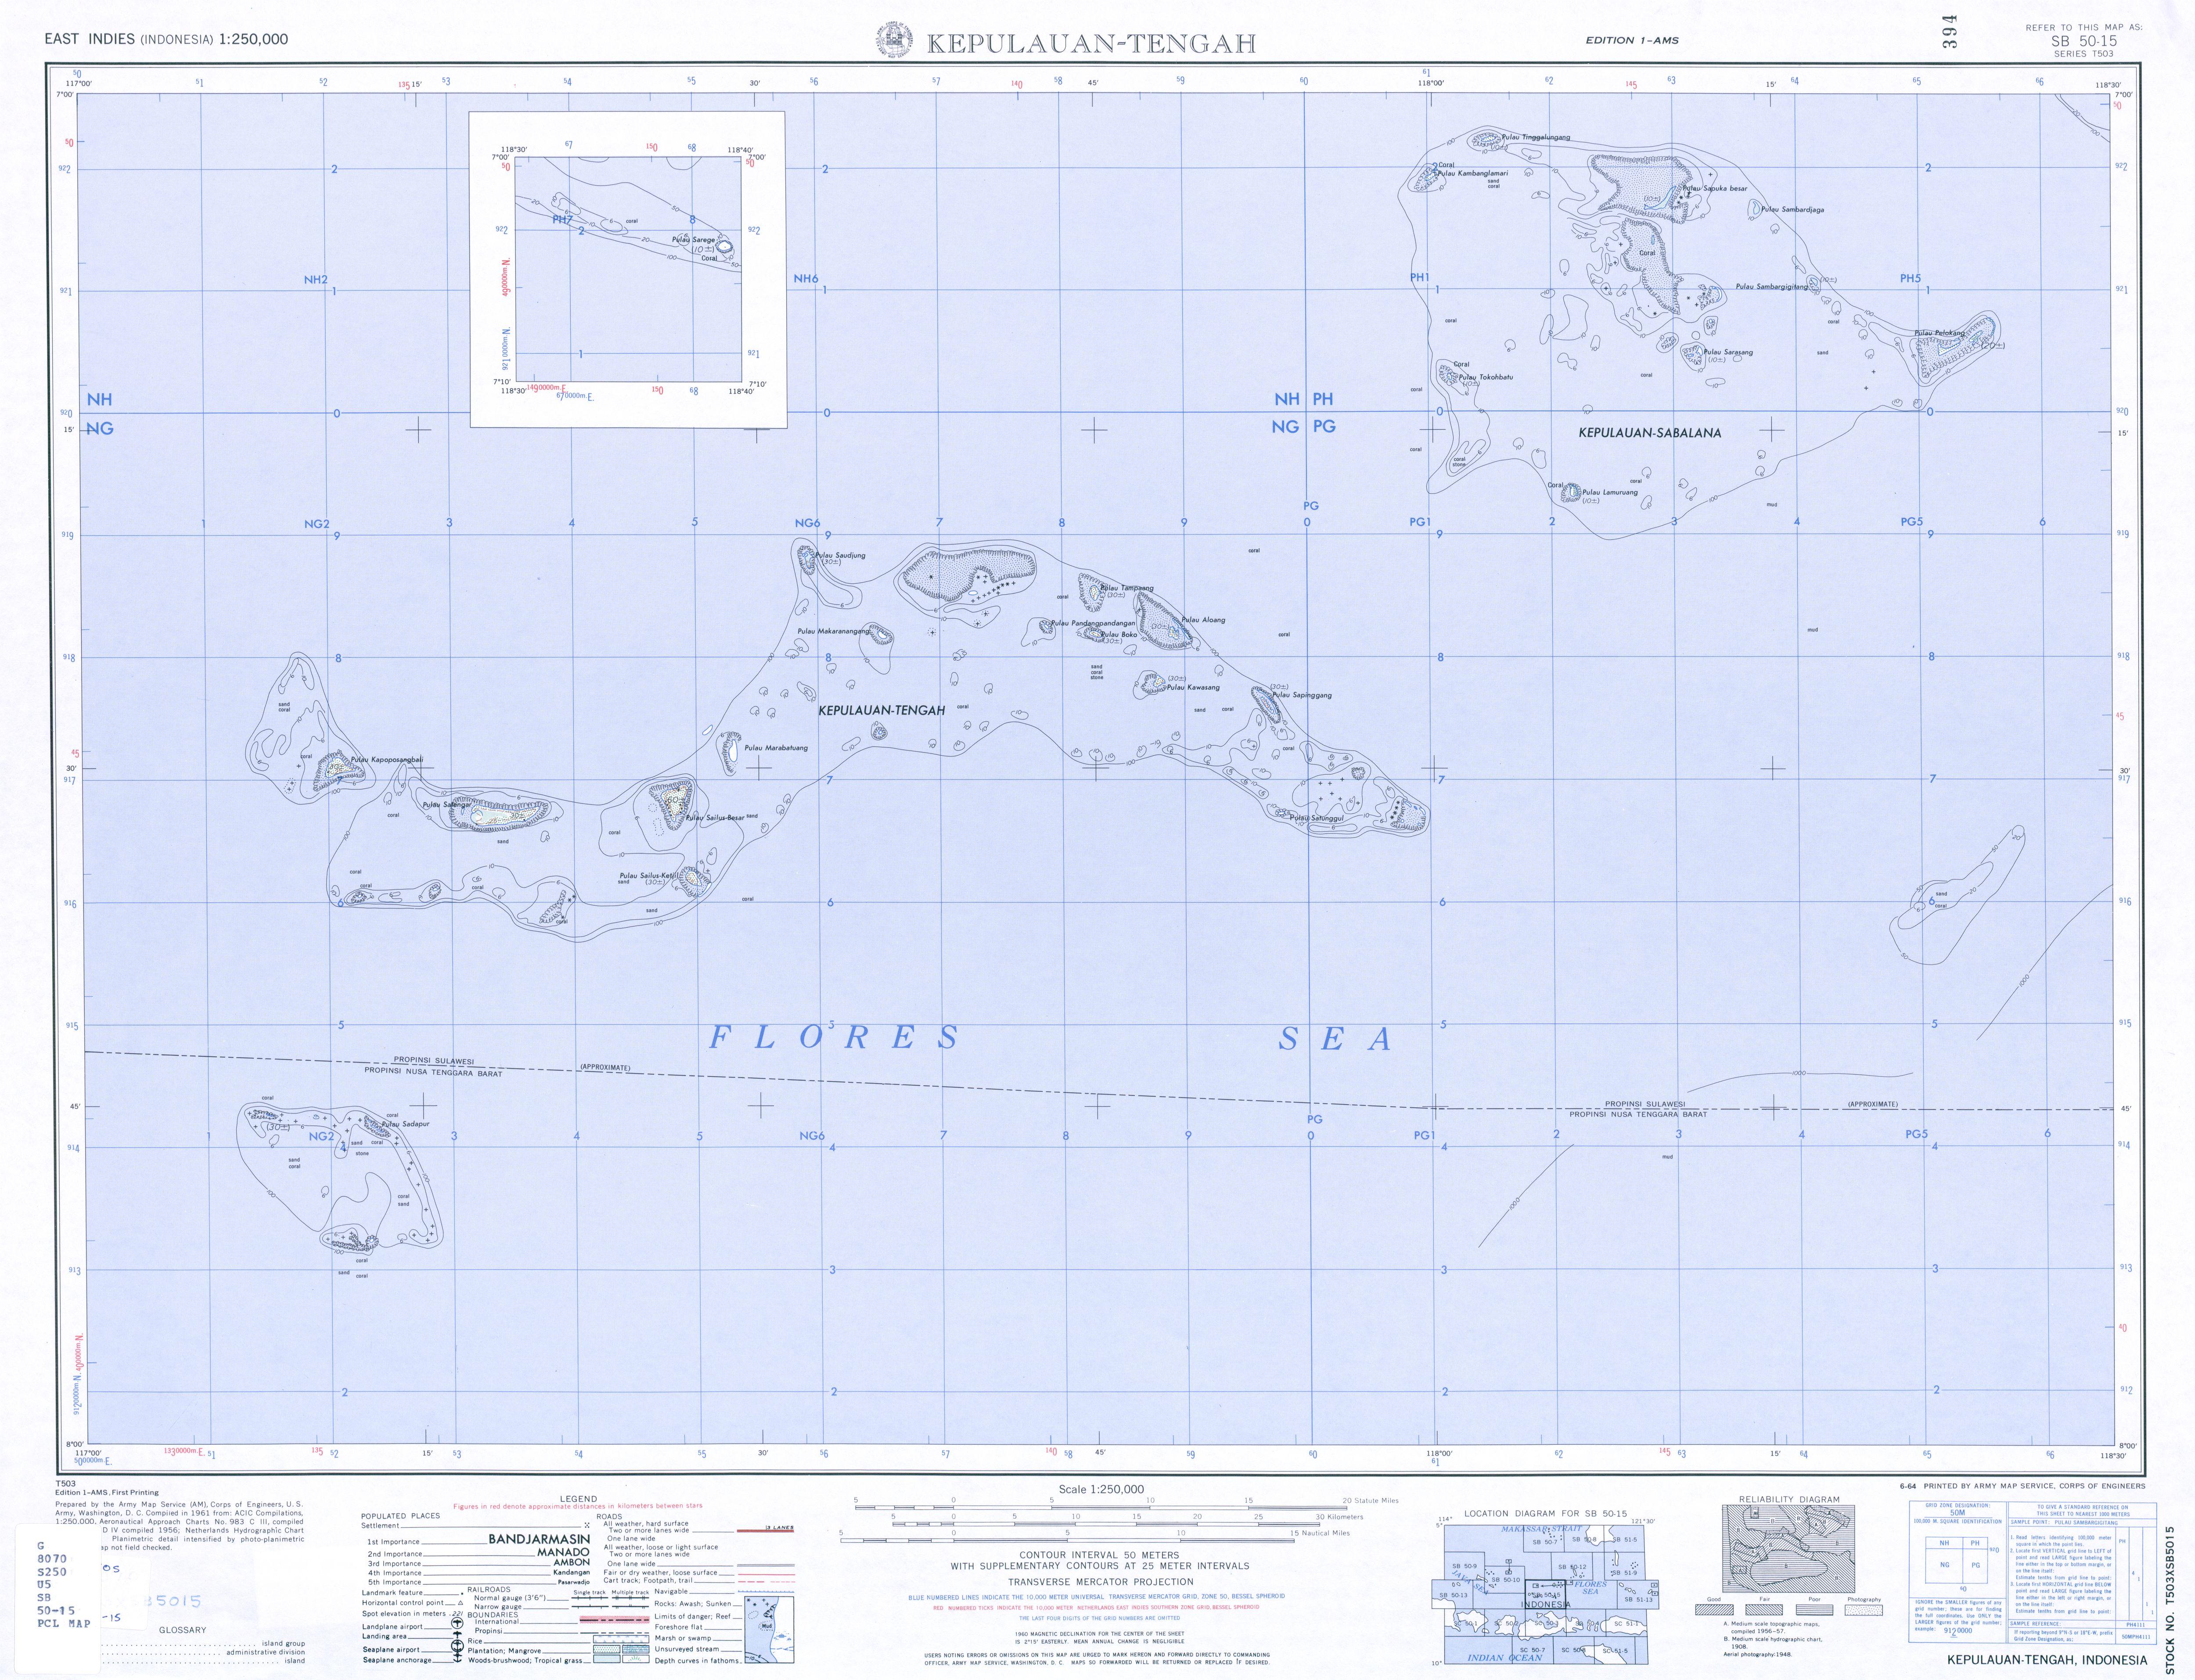 Kepulauan-Tengah